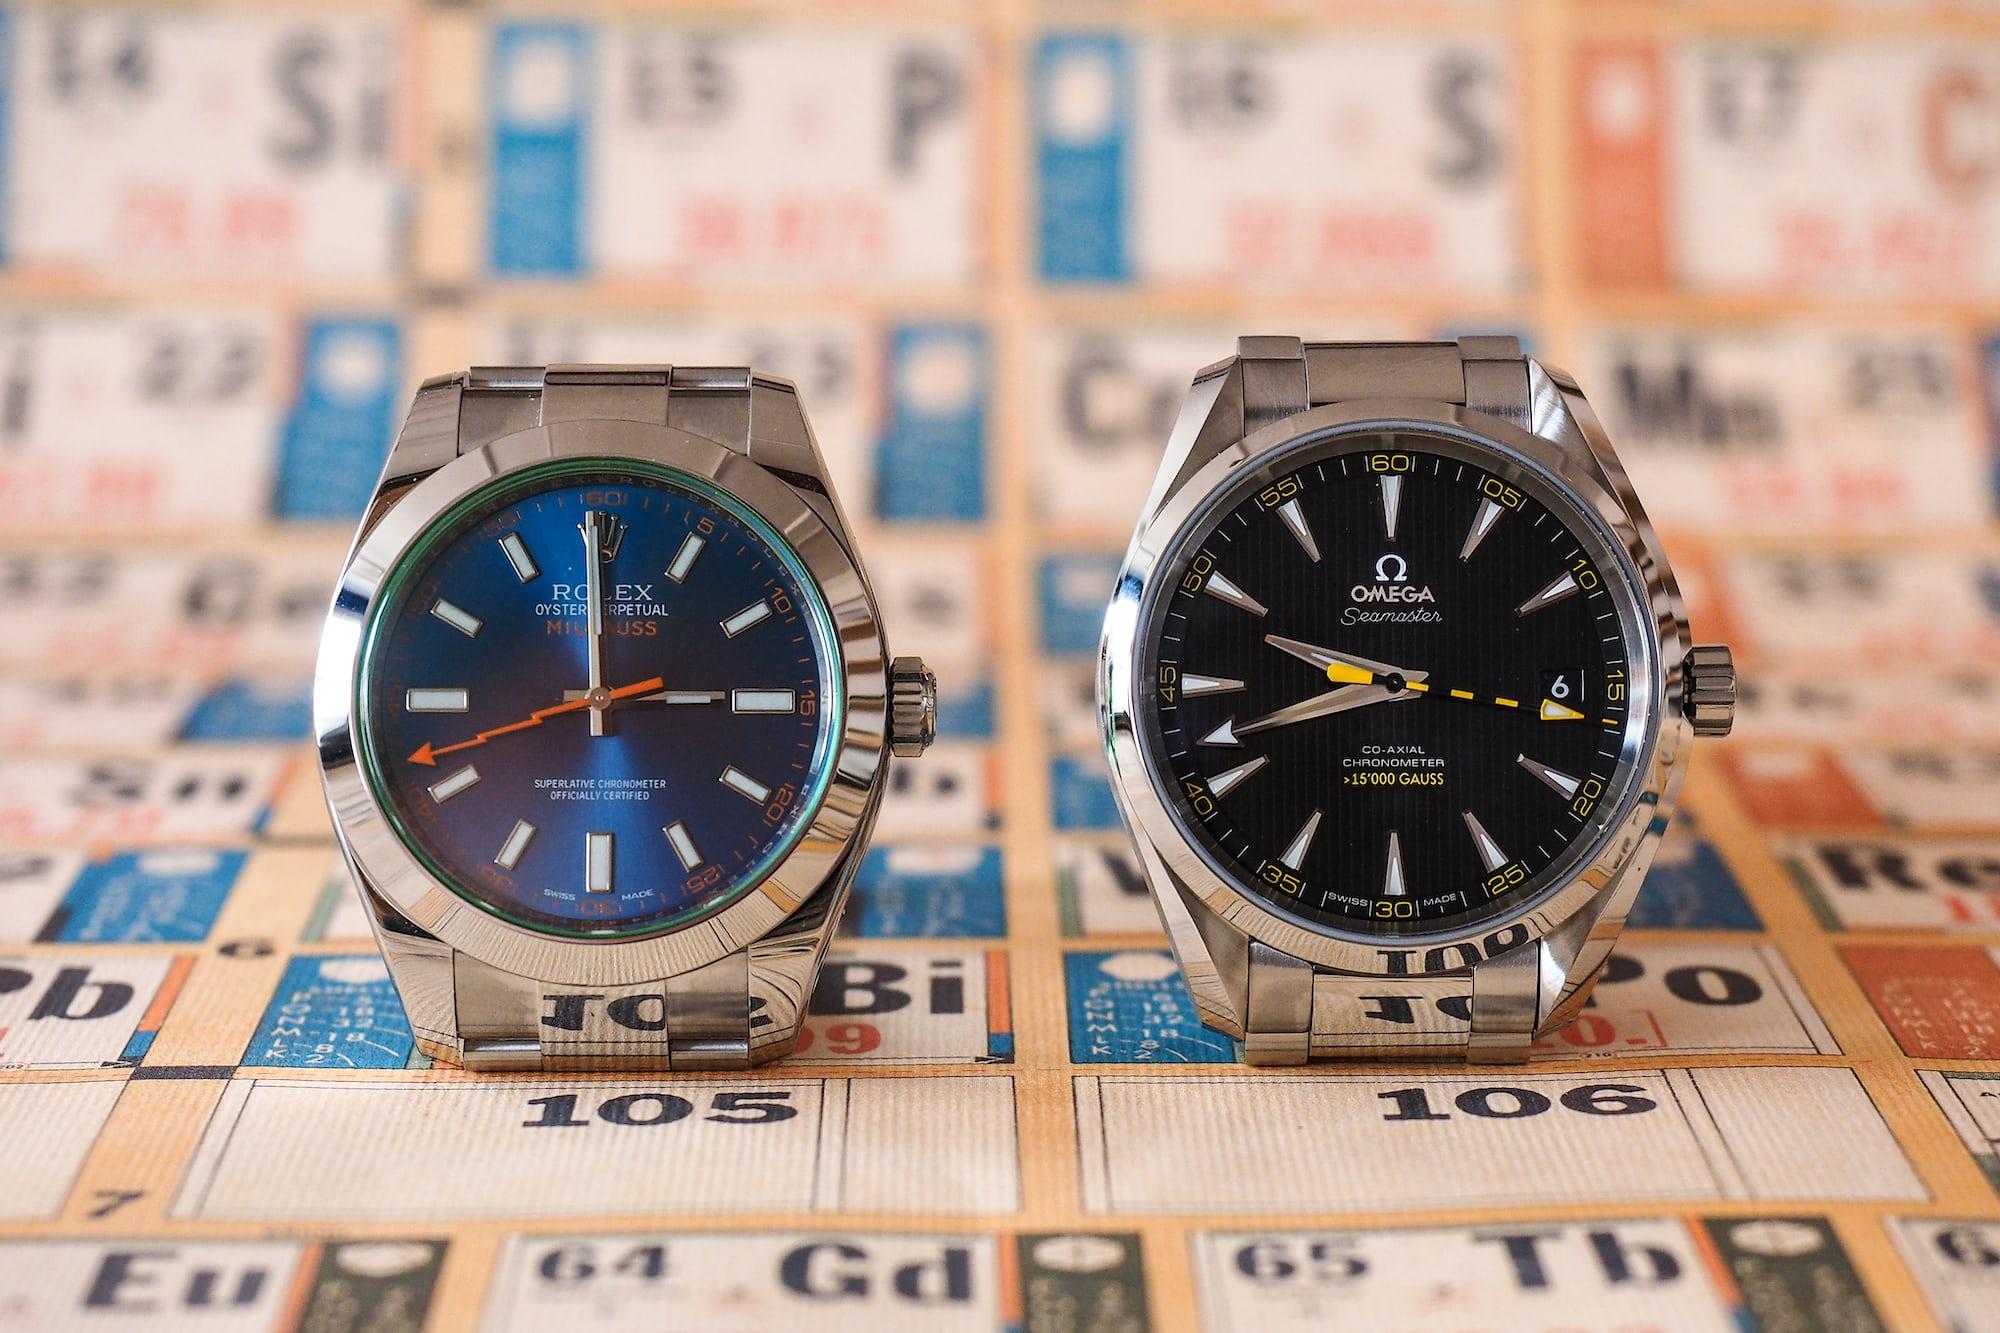 Sunday Rewind: A Rolex Milgauss, An Omega >15,000 Gauss, And A 4,000 Gauss Neodymium Magnet